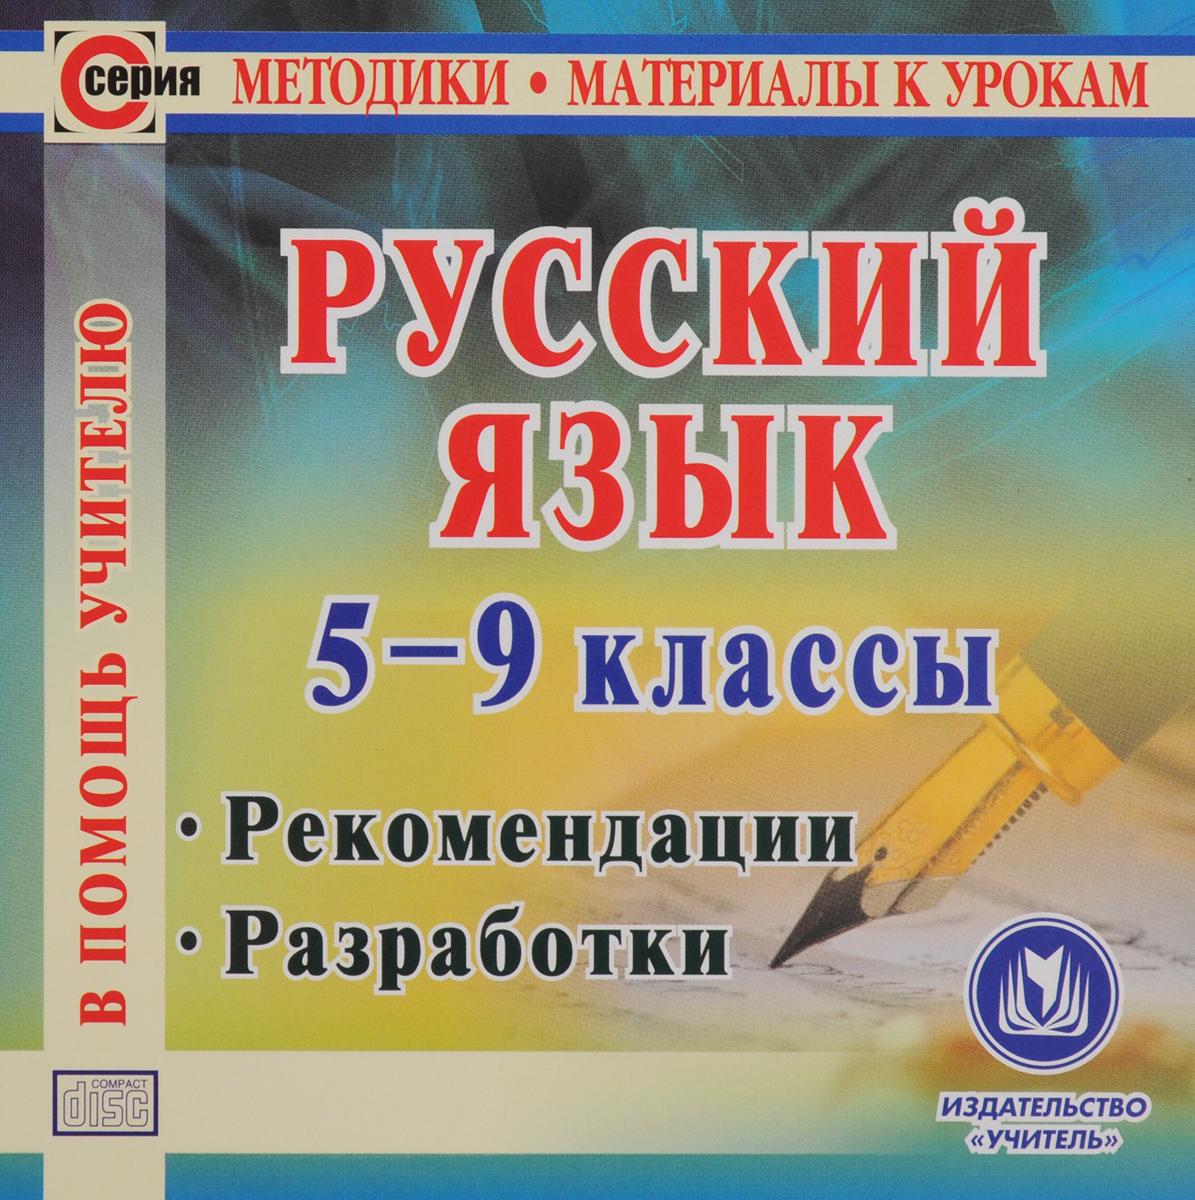 Русский язык. 5-9 классы. Рекомендации. Разработки беклометазон 50мкг доза 10г спрей назальный